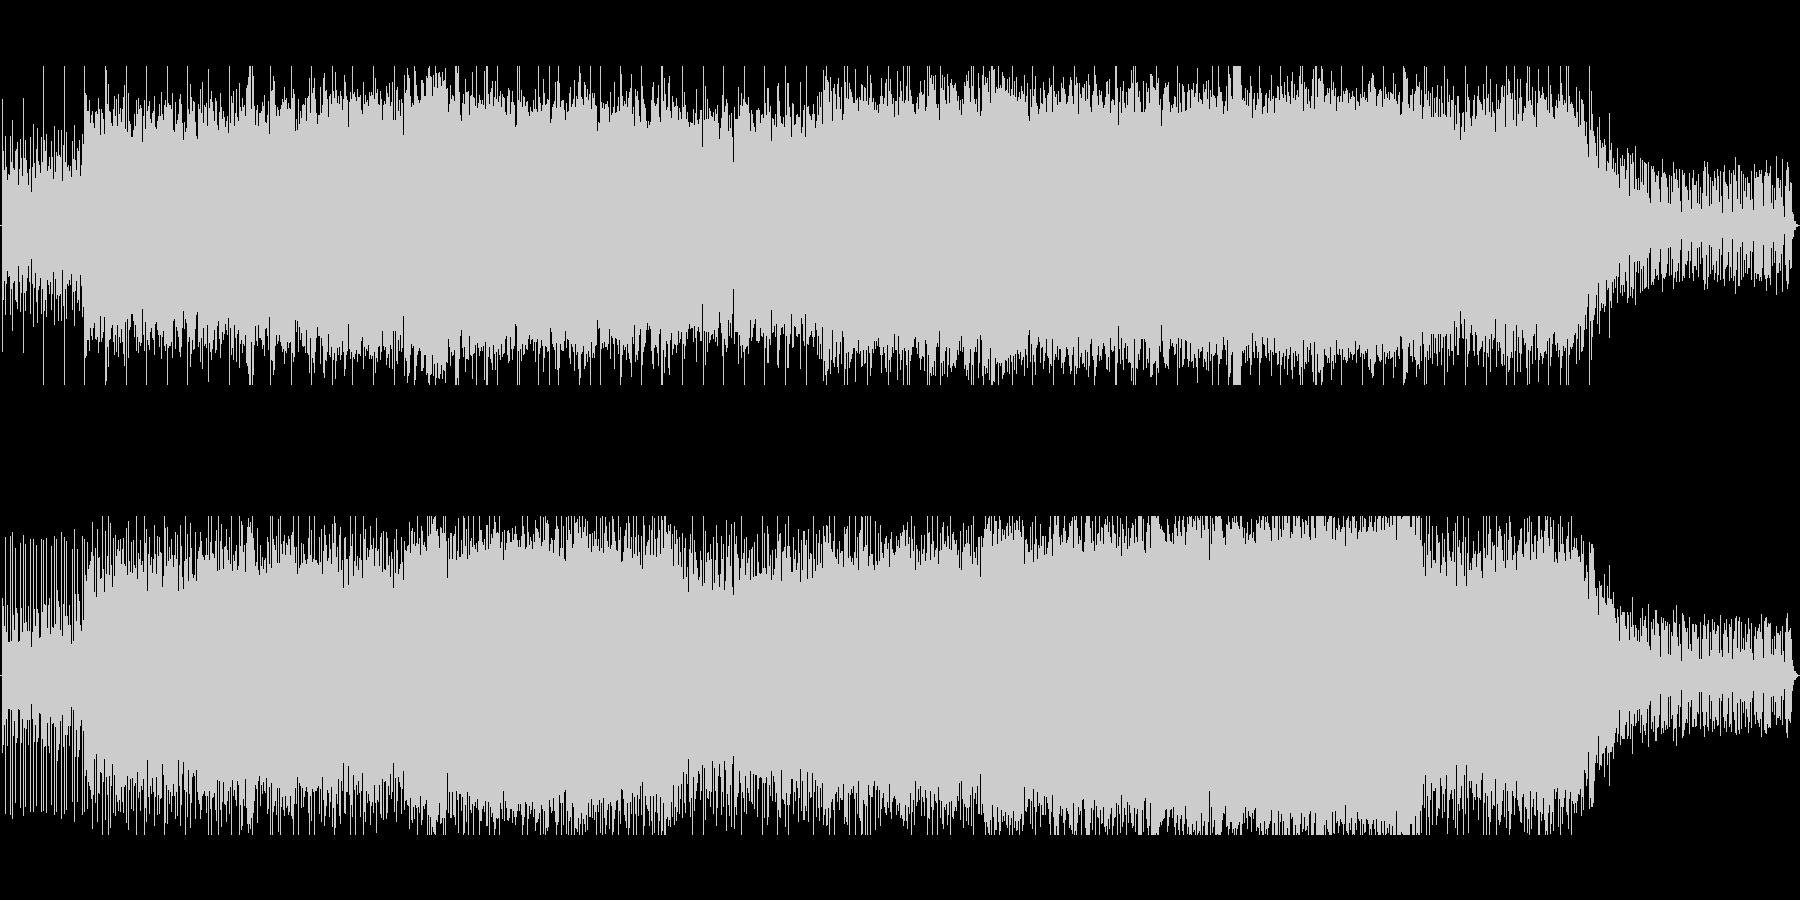 感動的なオーケストラ風の未再生の波形